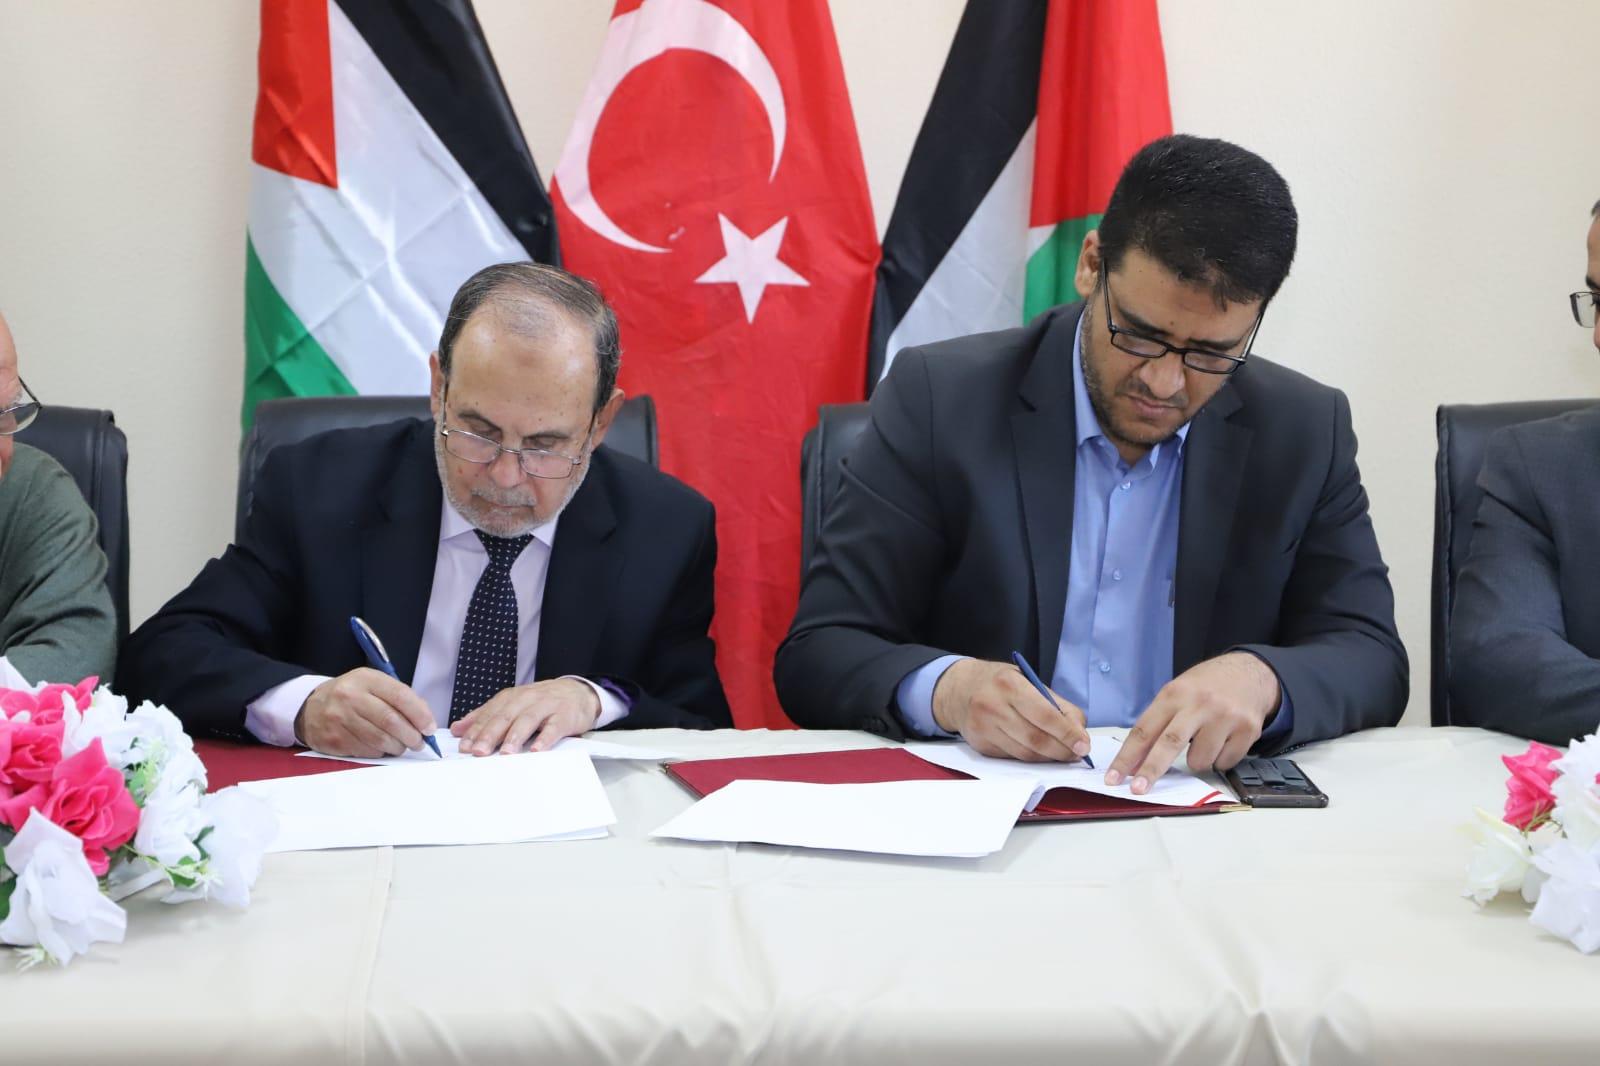 وزارة الصحة والجامعة الاسلامية يوقعان مذكرة تفاهم لتشغيل مستشفى الصداقة التركي الفلسطيني